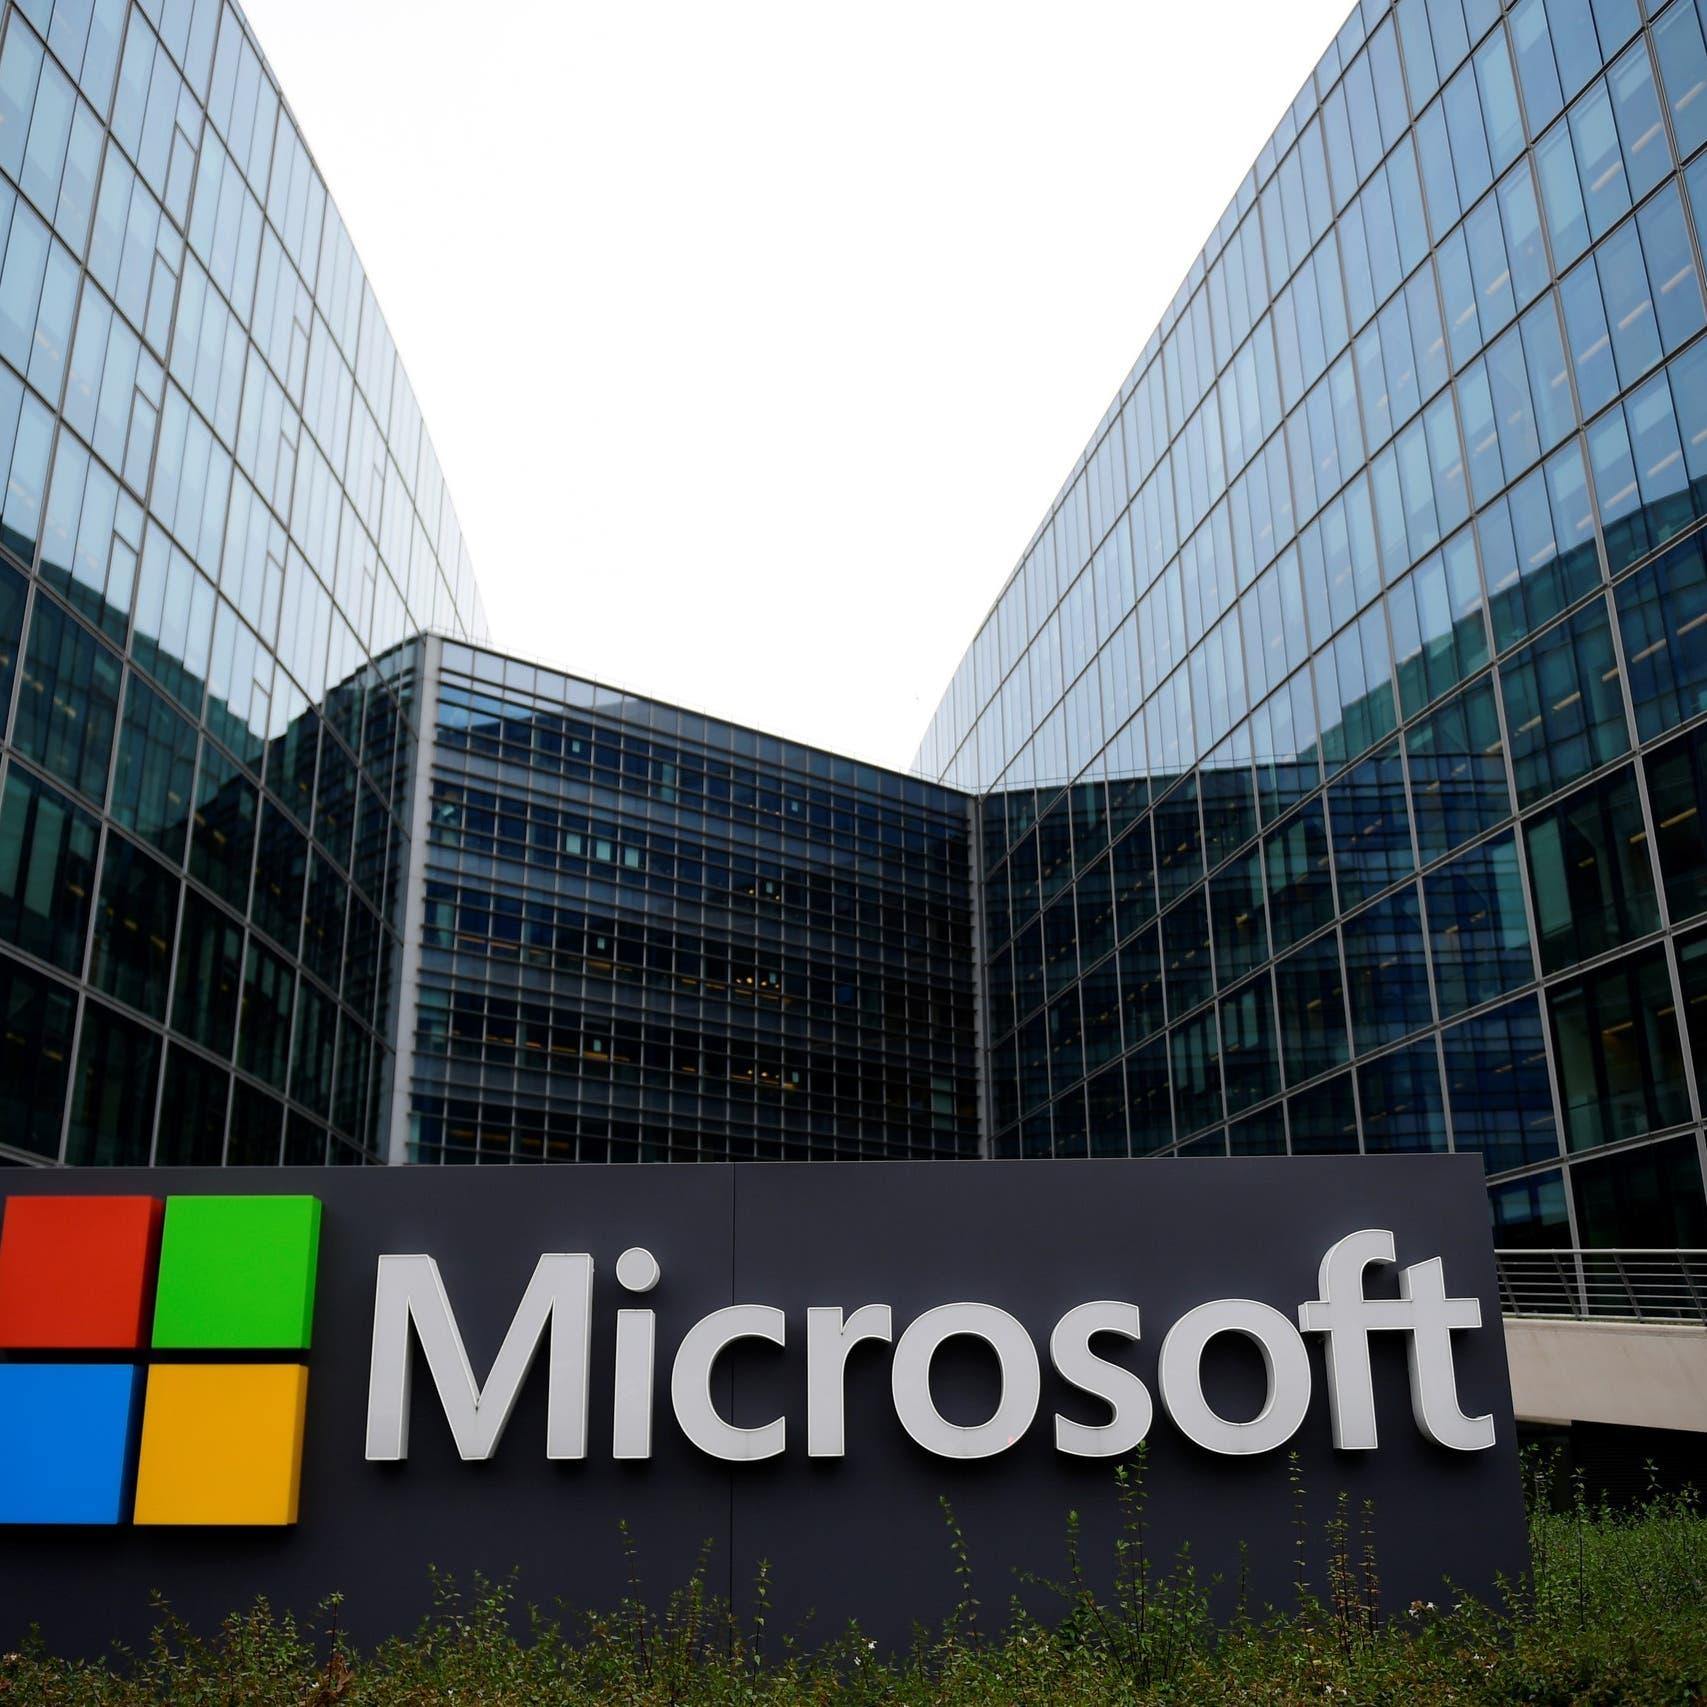 مايكروسوفت تؤكد استمرار مباحثات الاستحواذ على